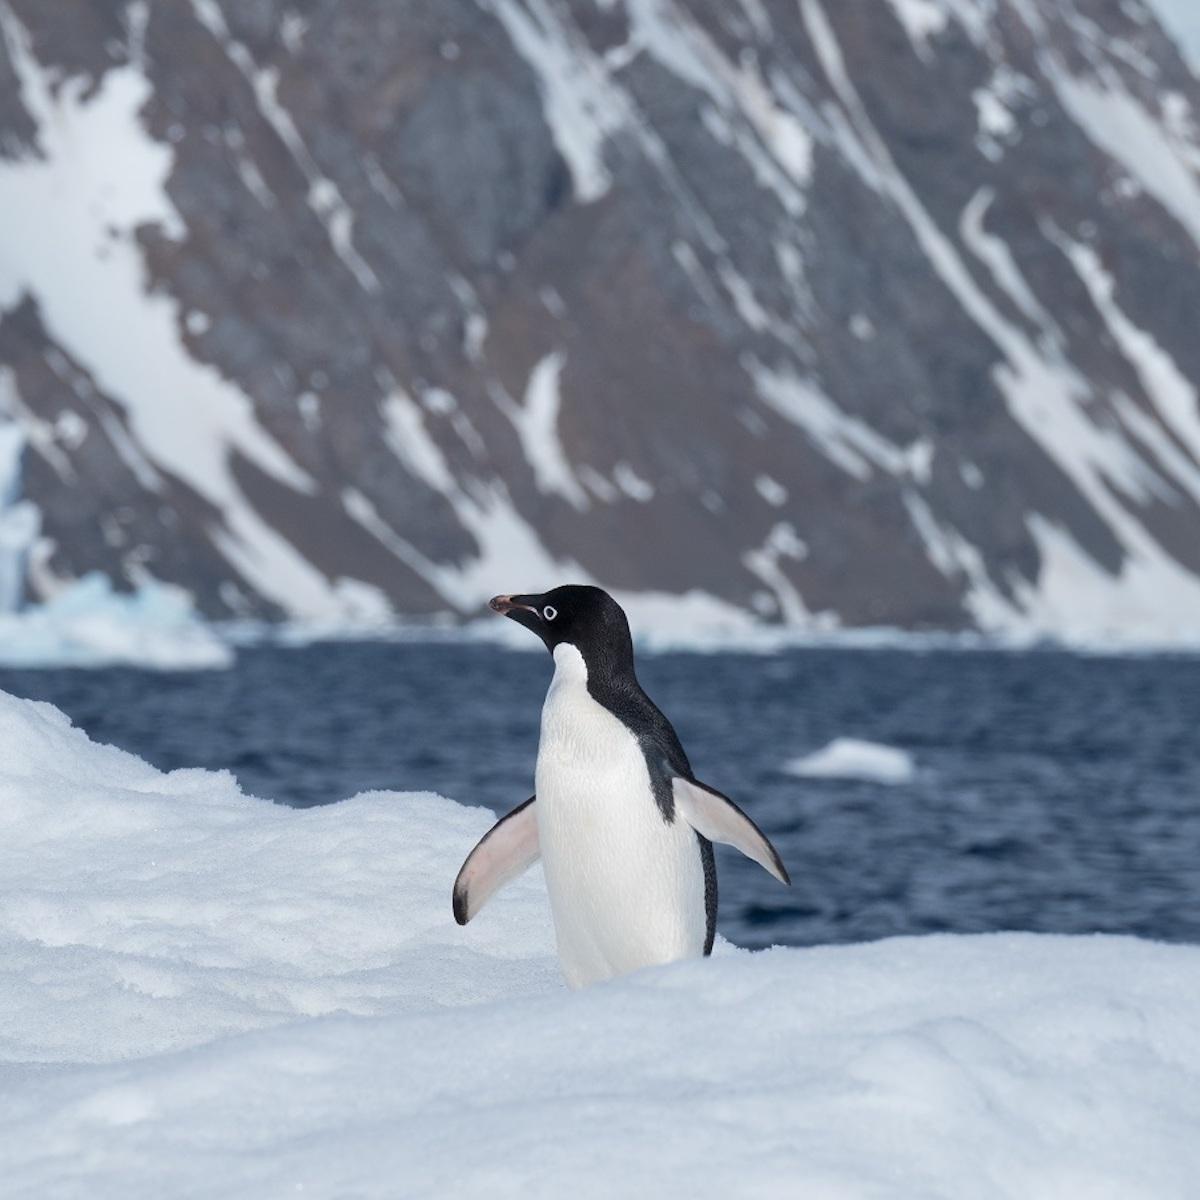 Adelie penguin standing on ice in Antarctica.